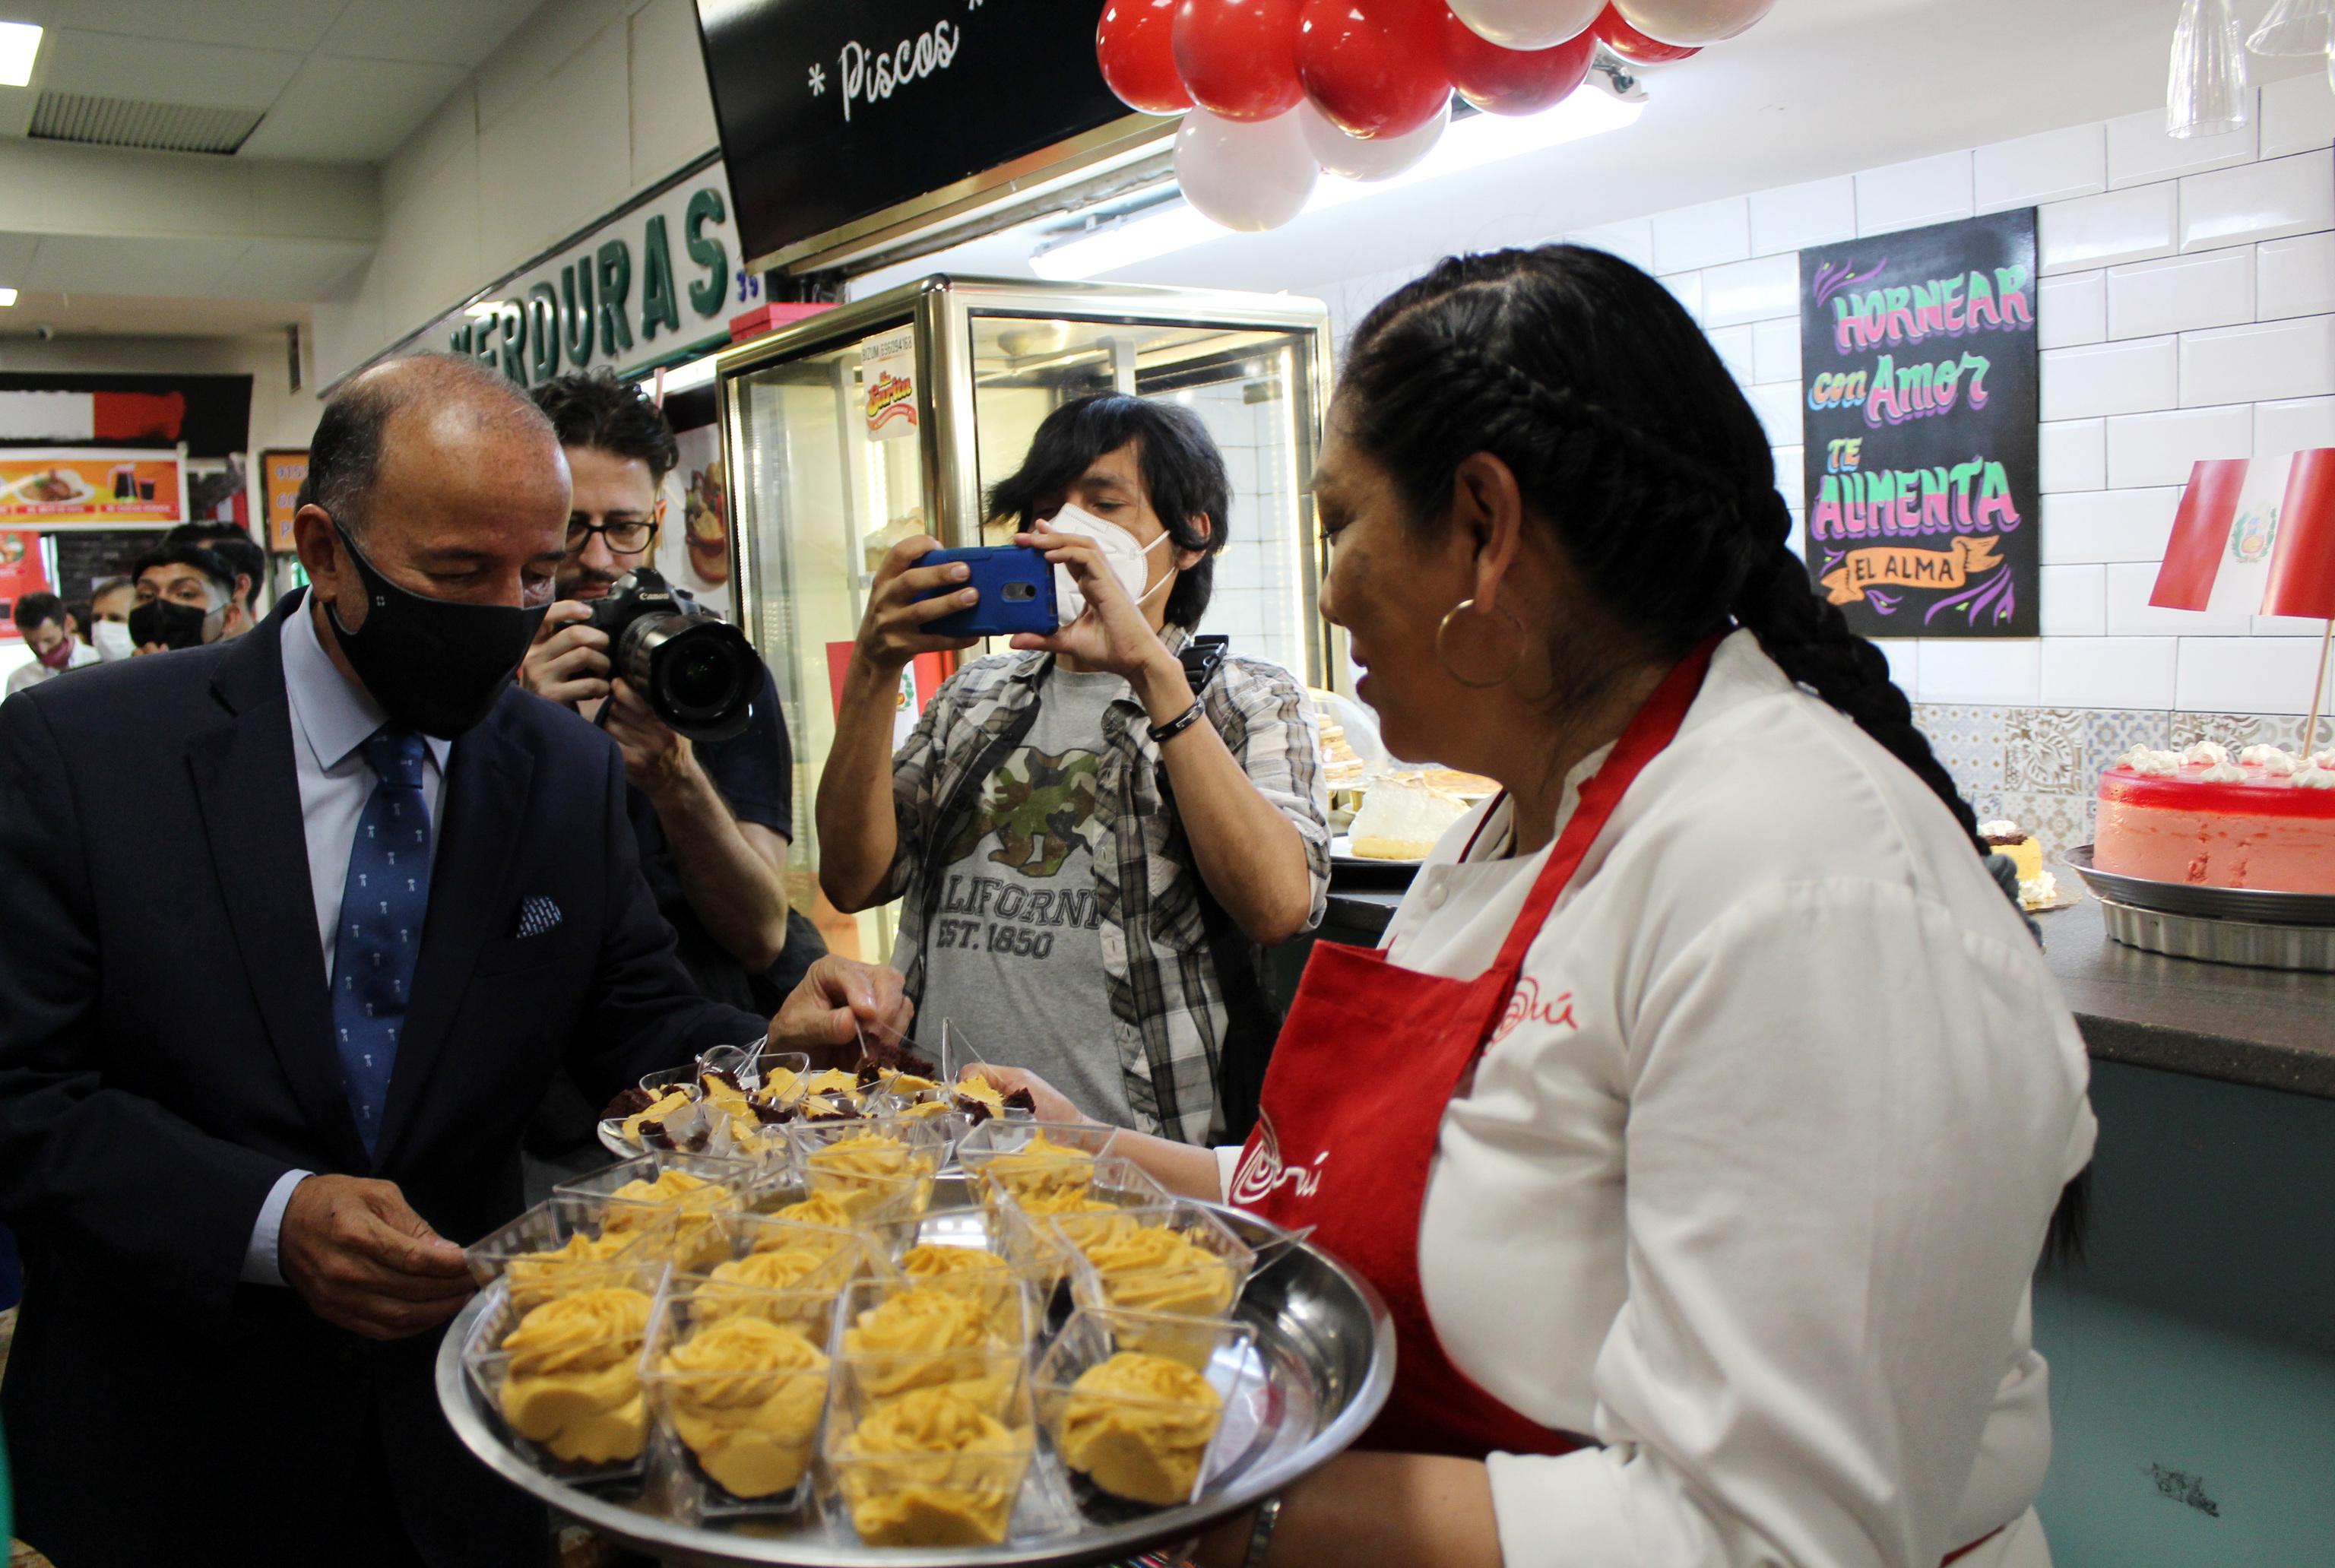 Una comerciante del mercado invita a un aperitivo al Embajador del Perú.